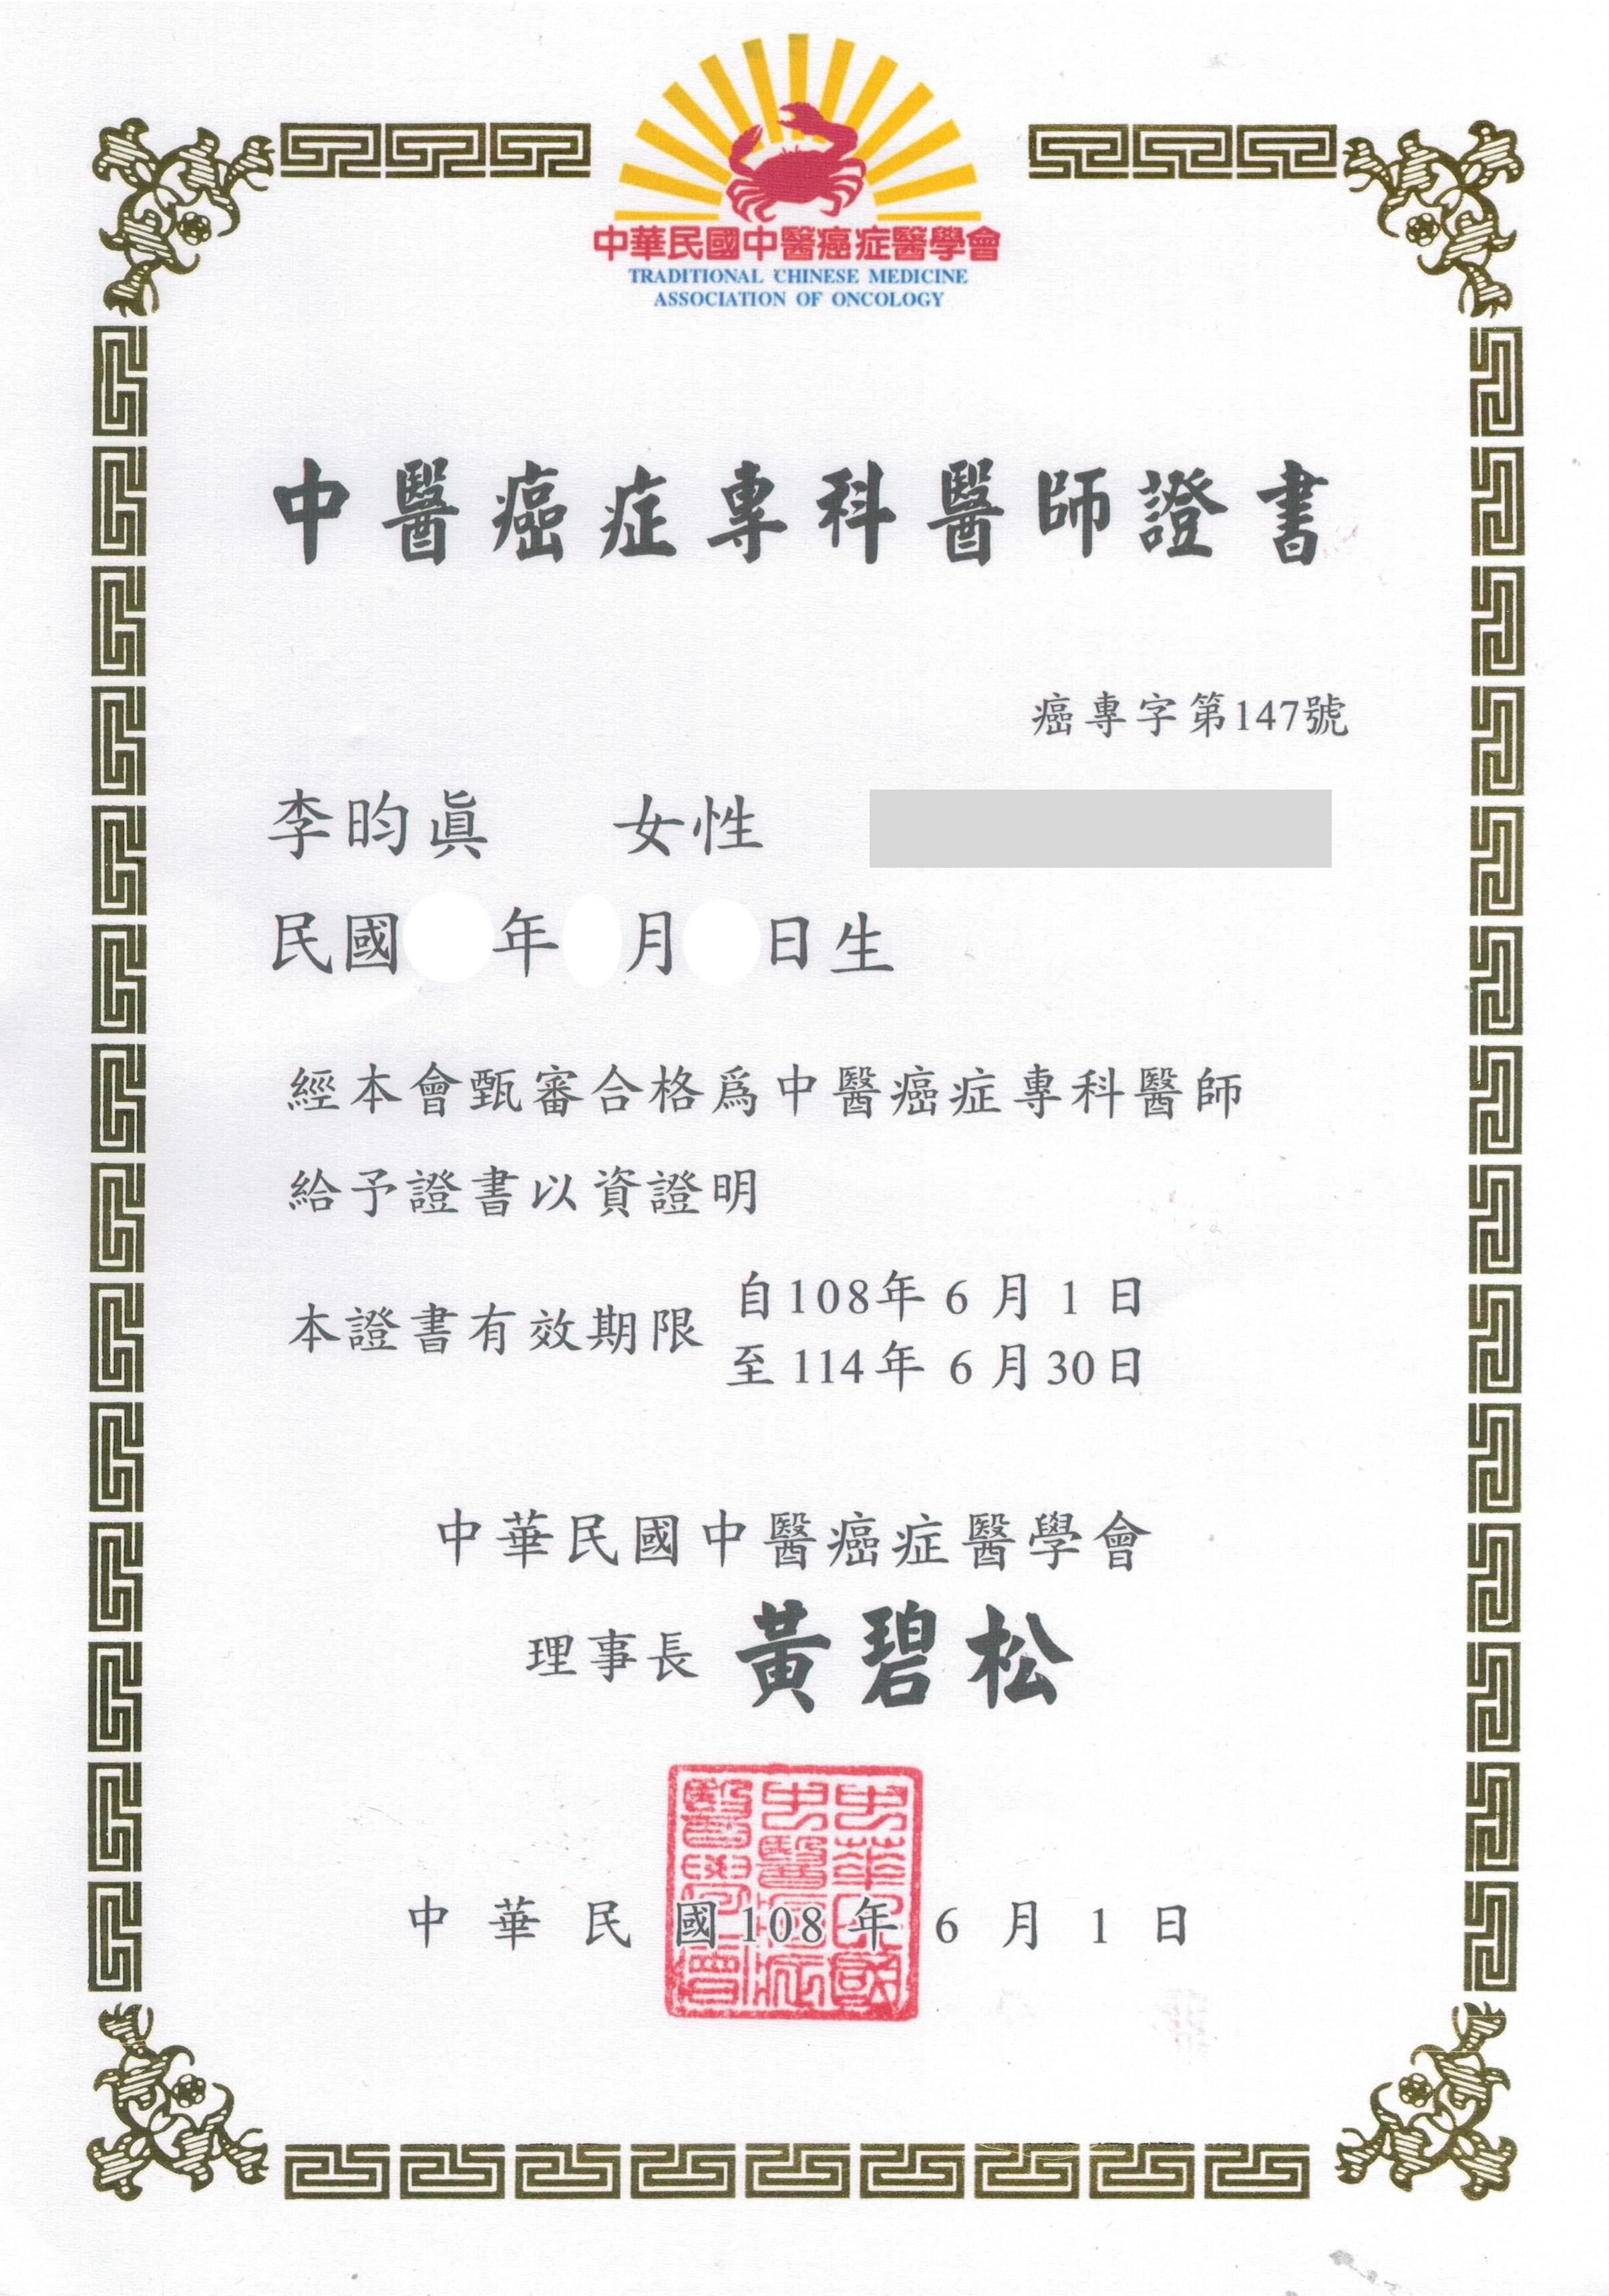 中醫癌症專科醫師證書